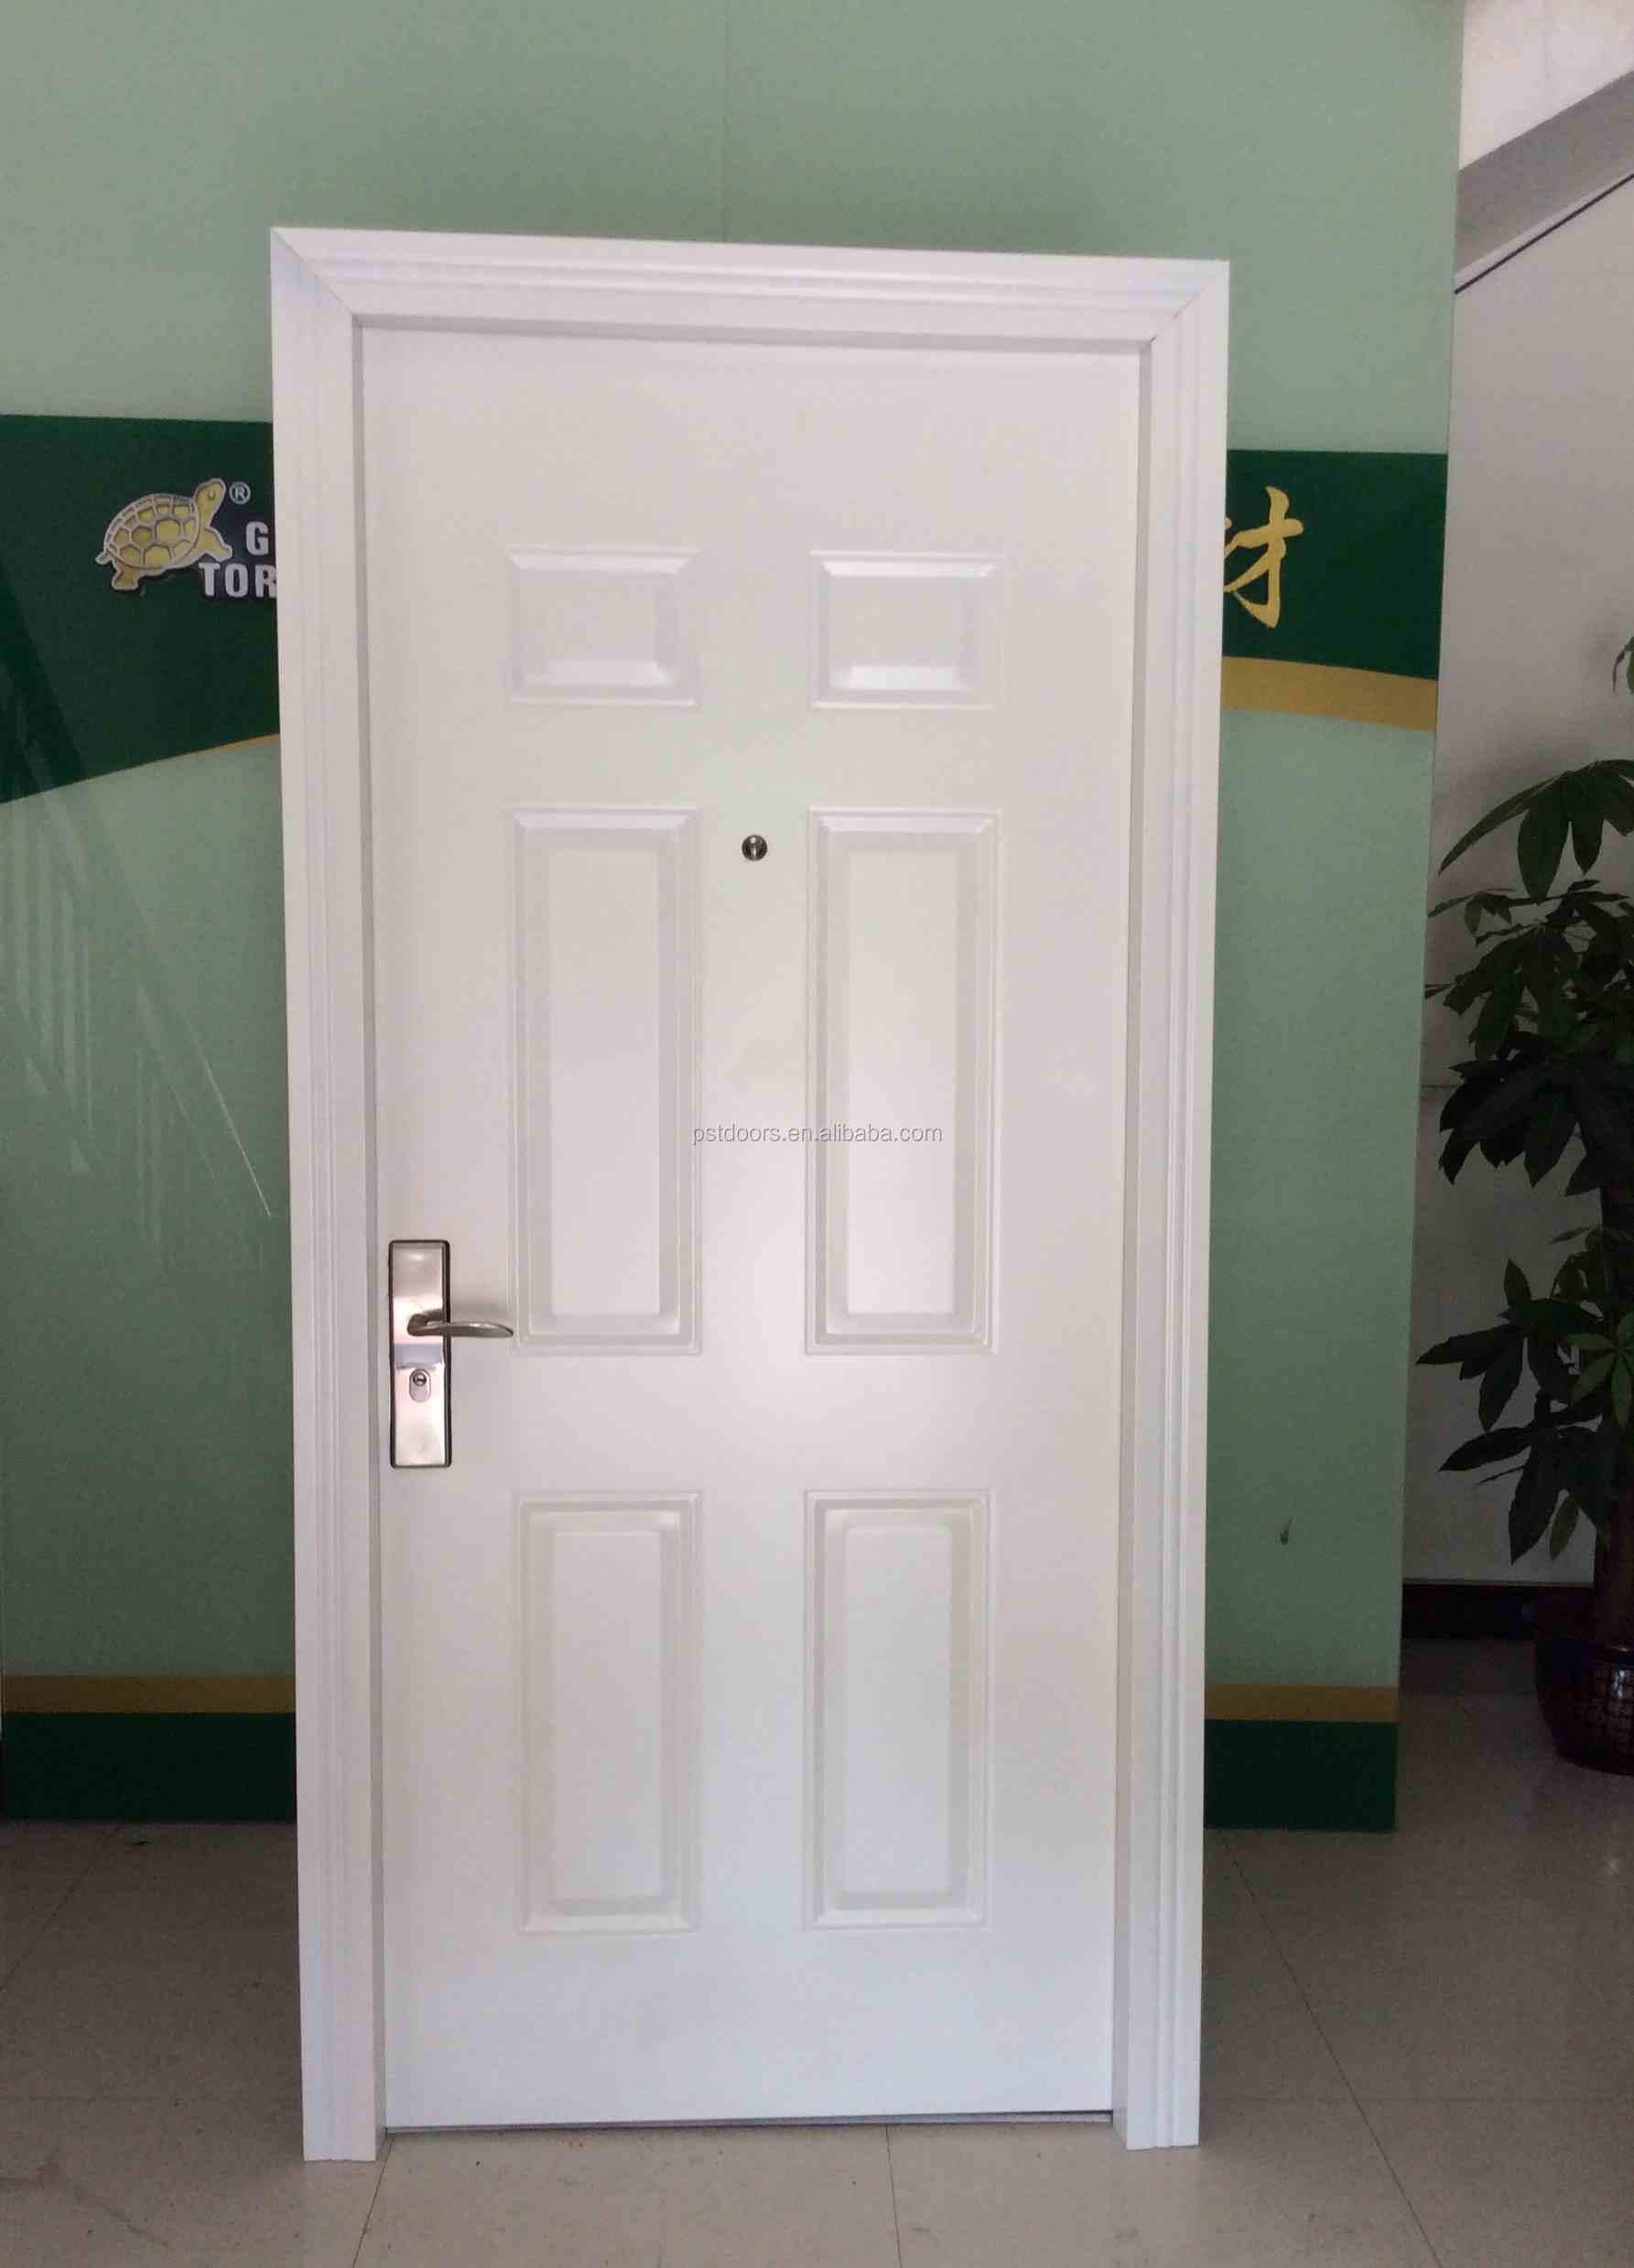 Burglar Proof Steel Door Buy Security Door Burglar Proof